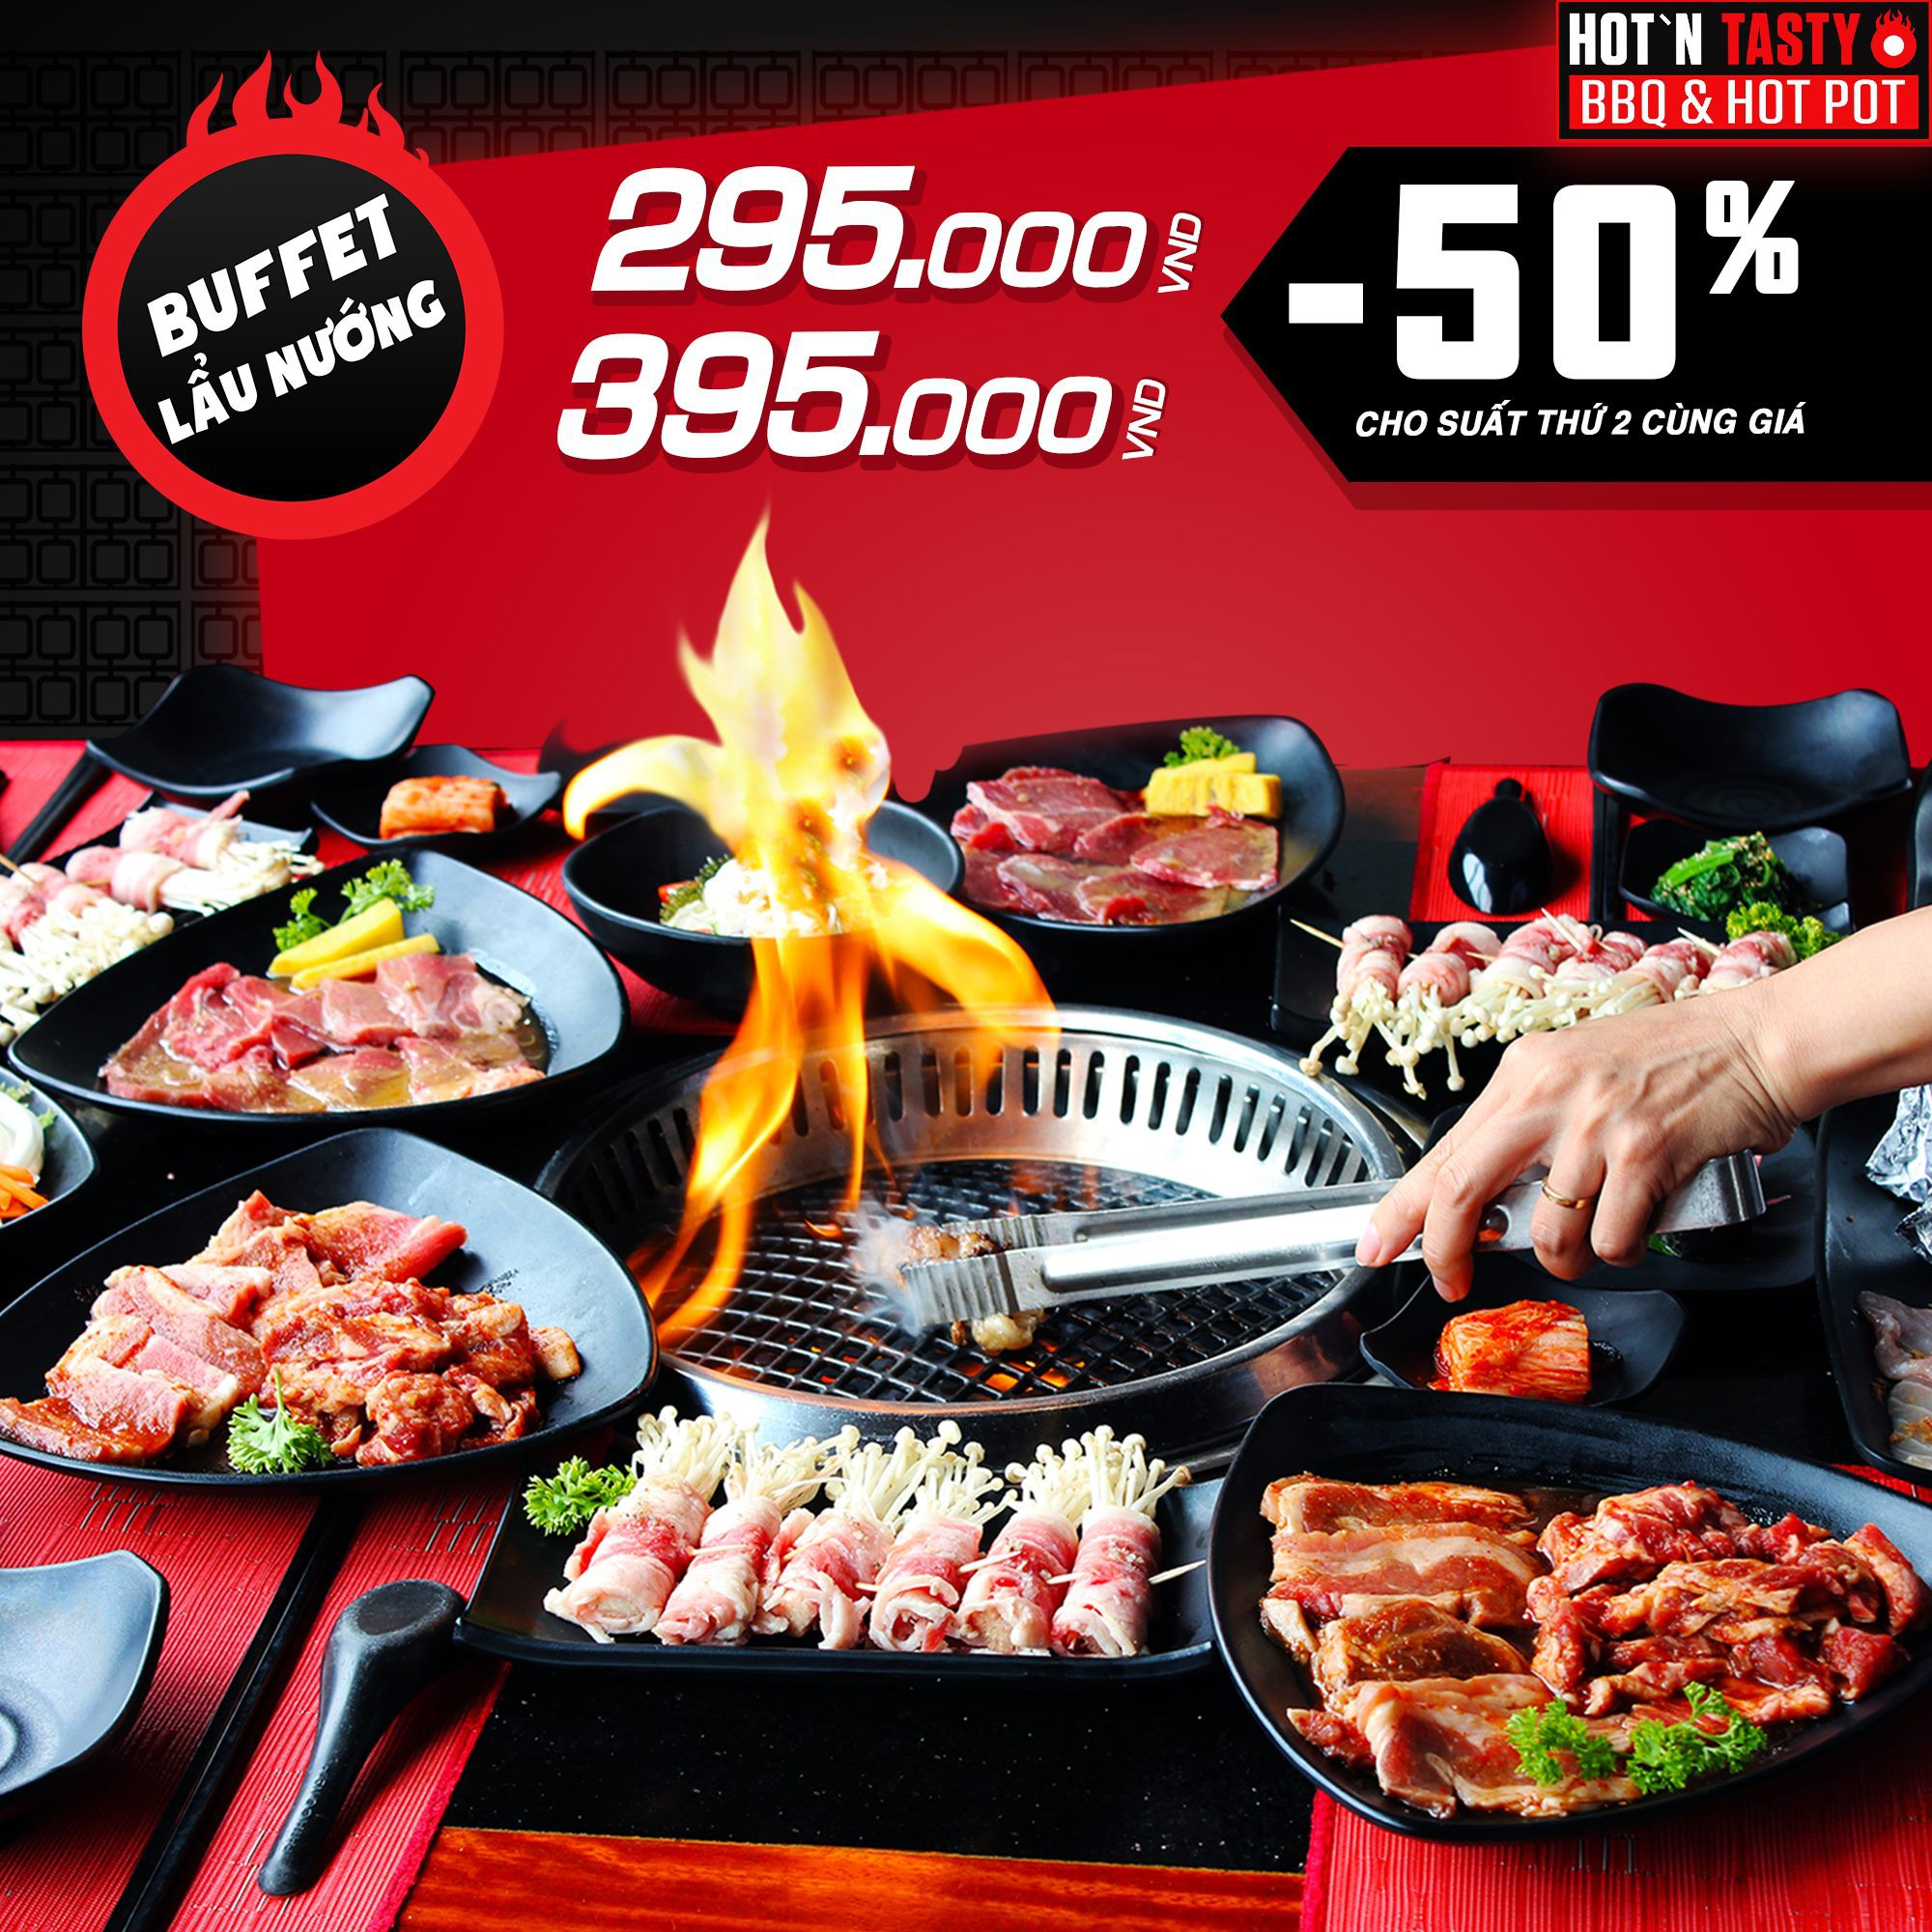 Hot hơn cả mùa hè Hà Nội – buffet lẩu nướng hơn 50 món tại HotnTasty đang giảm 50% người thứ 2 - Ảnh 3.